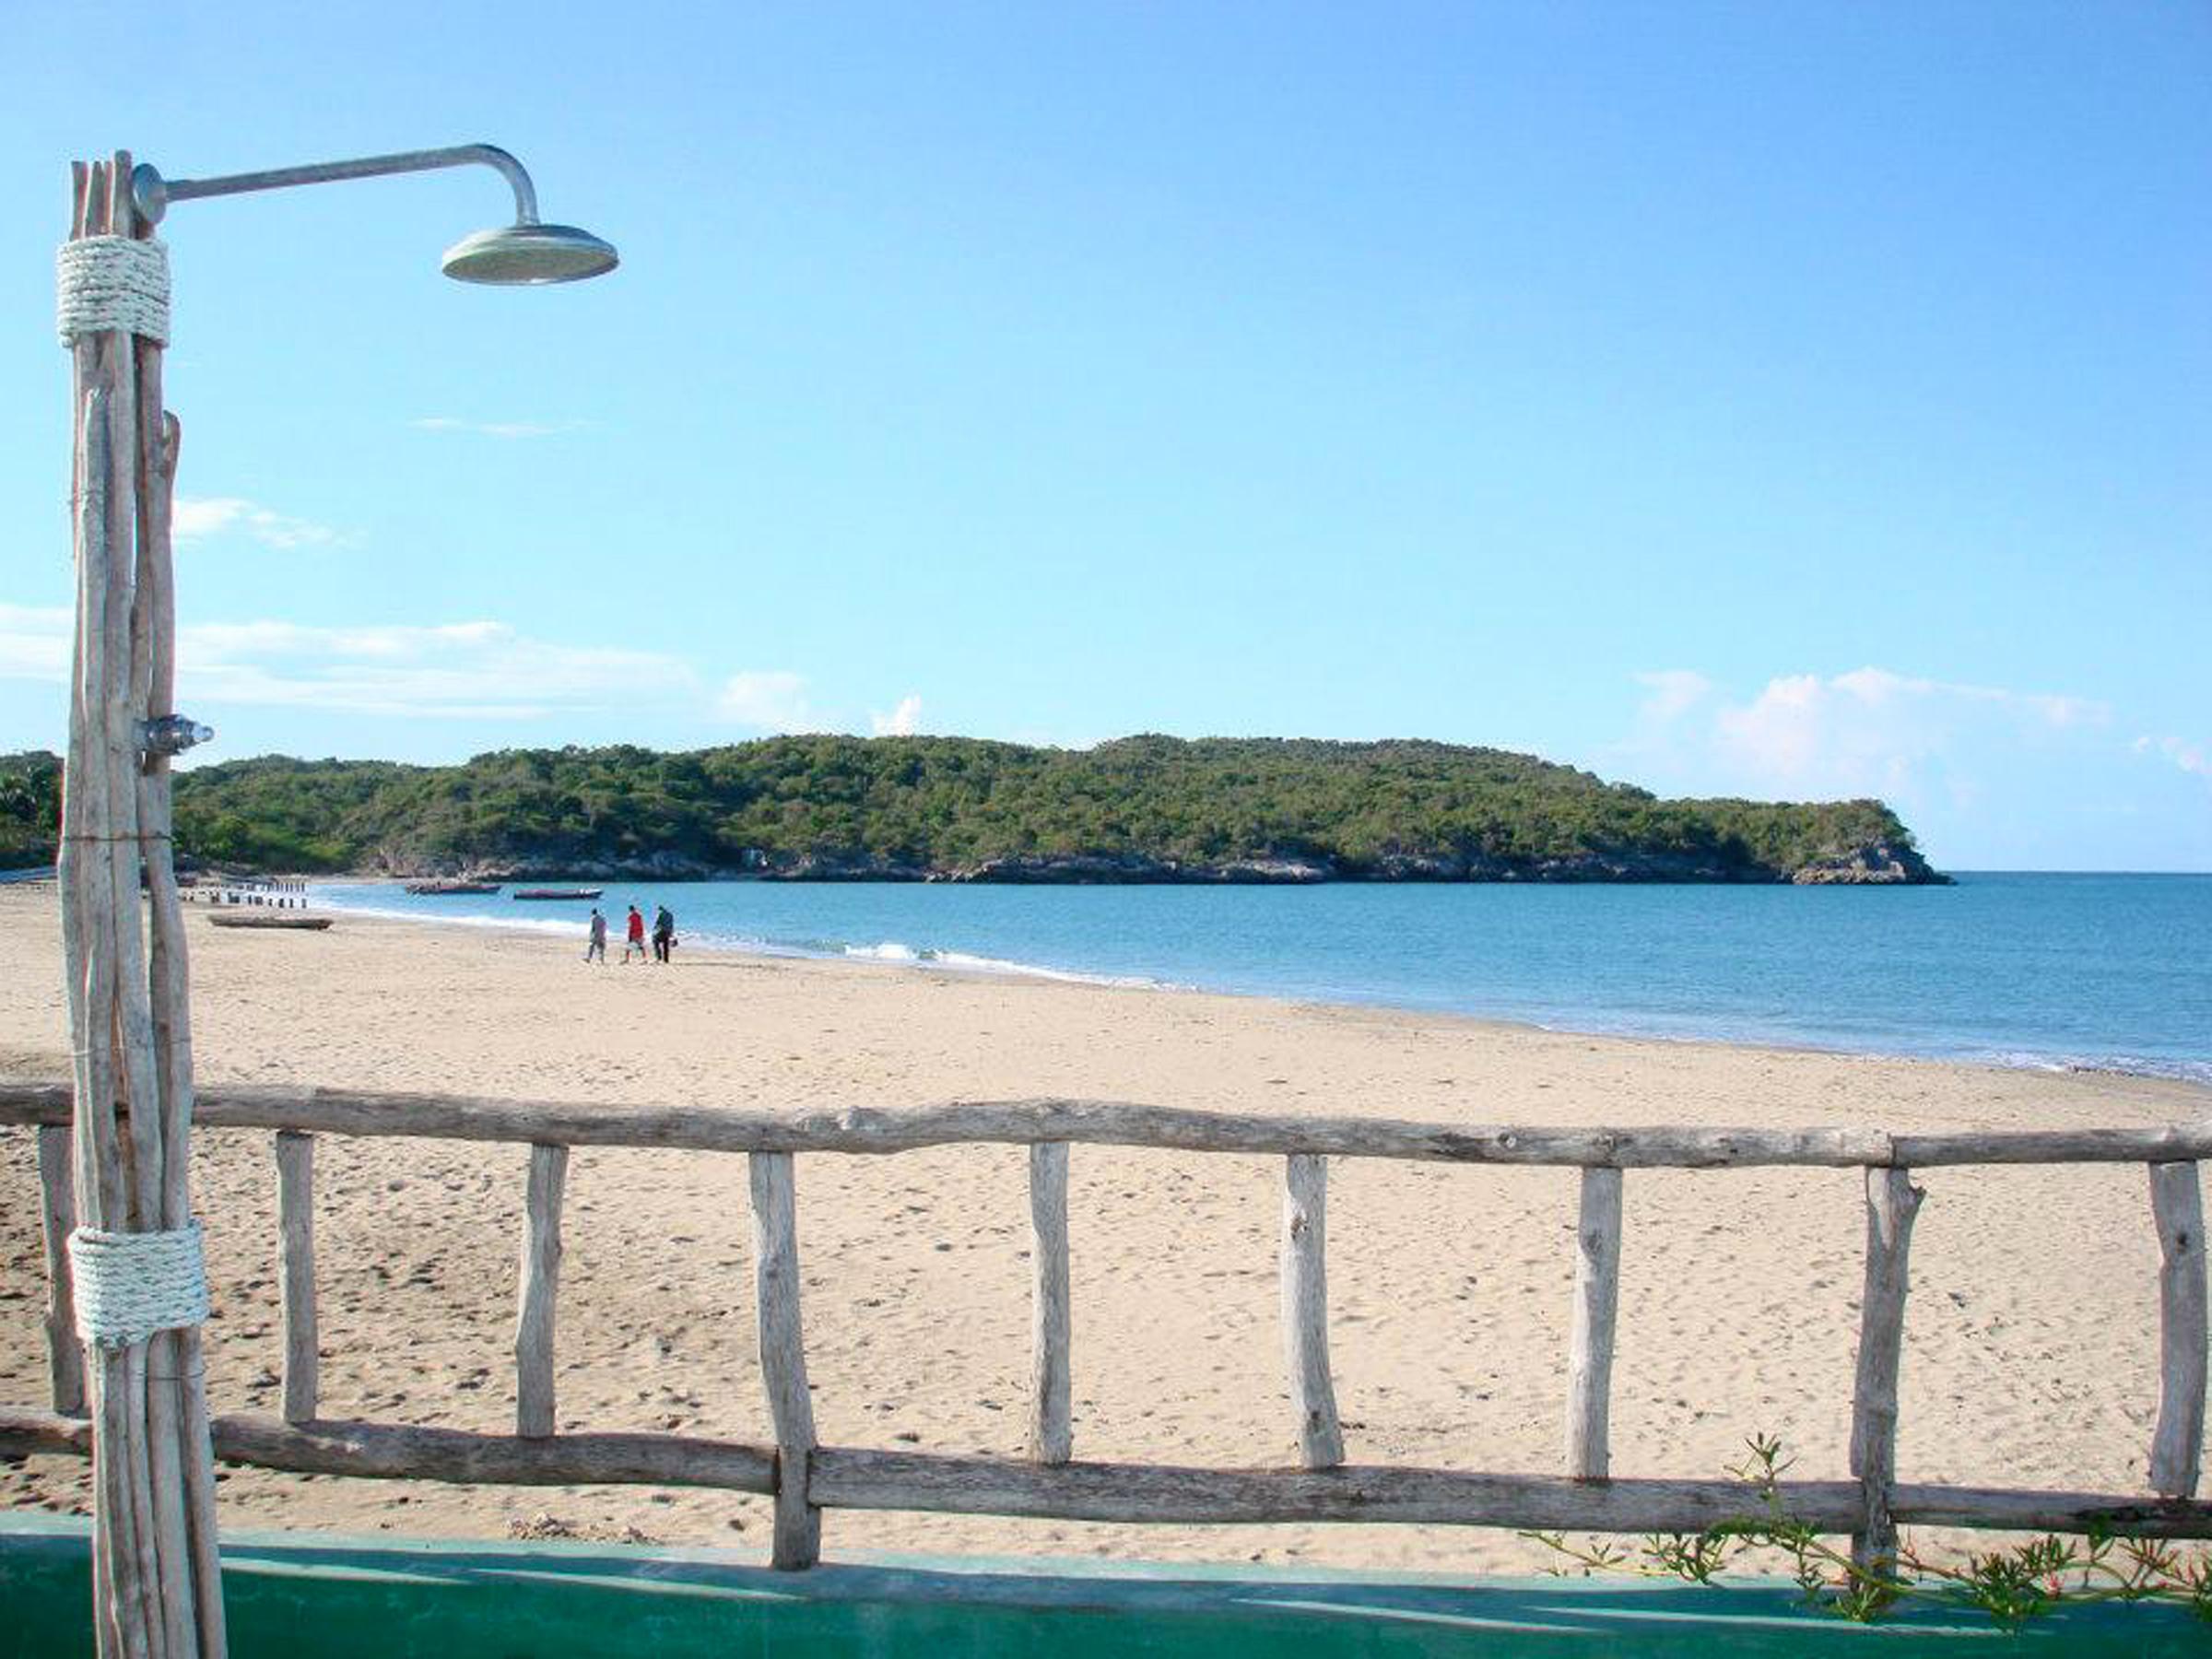 Blue_Marlin_Coquina_Treasure_Beach_Jamaica_03.jpg